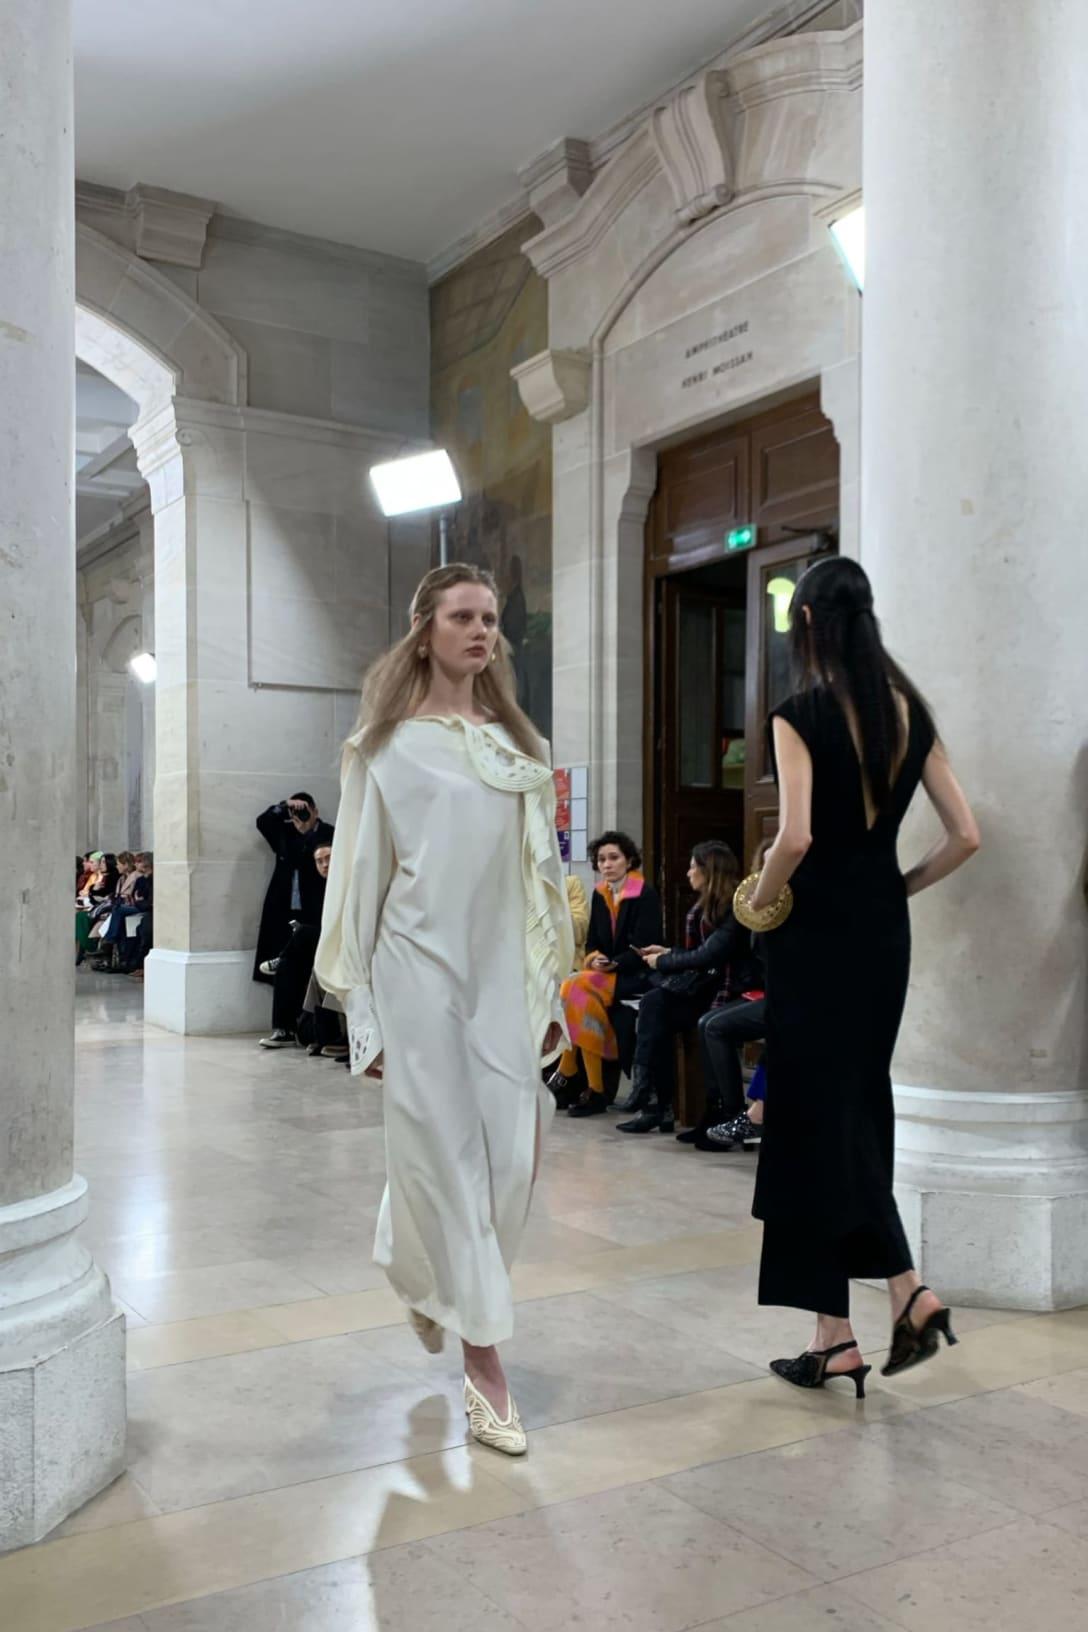 「マメ クロゴウチ」が今年2月にパリで開催した2020年秋冬コレクションショーの様子 Image by FASHIONSNAP.COM